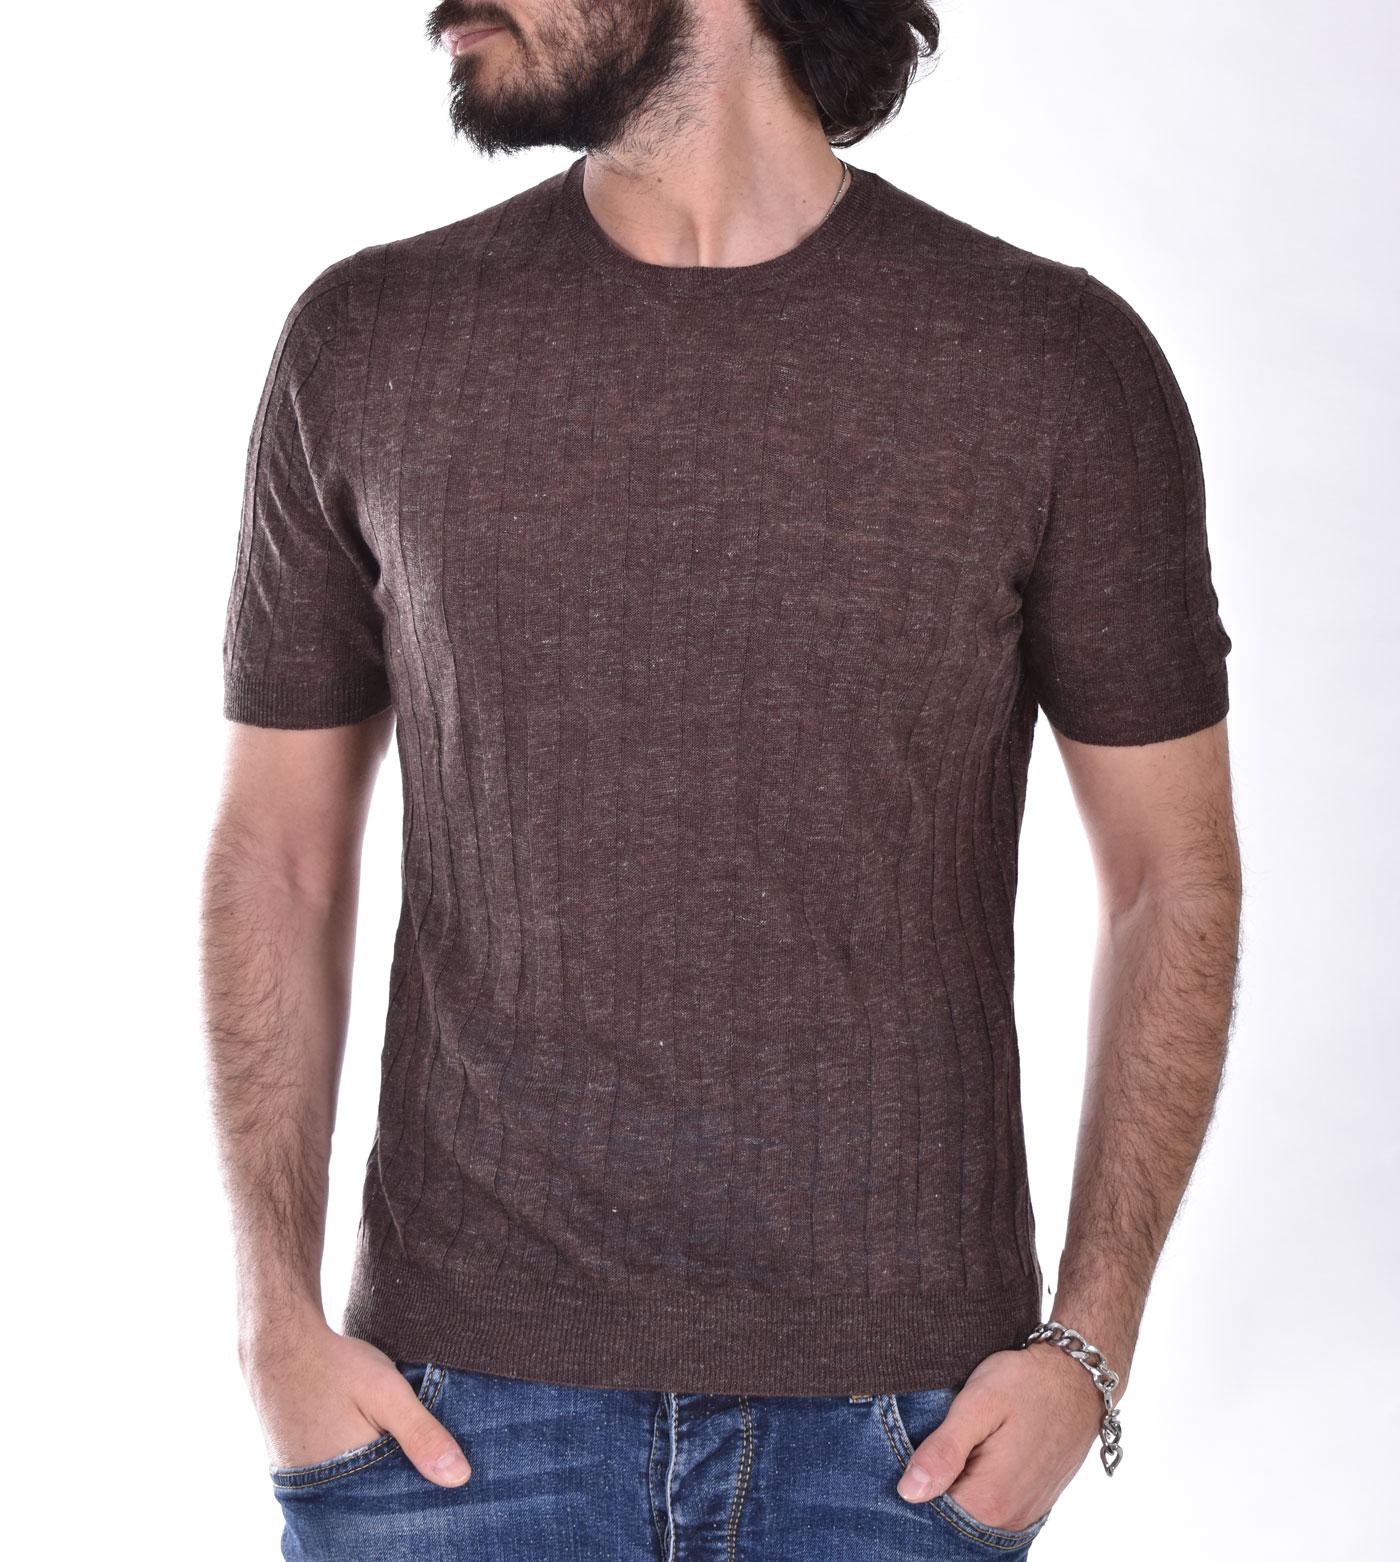 Brown linen Tagliatore T shirt TGCLI543 TAGLIATORE   TGCLI543175